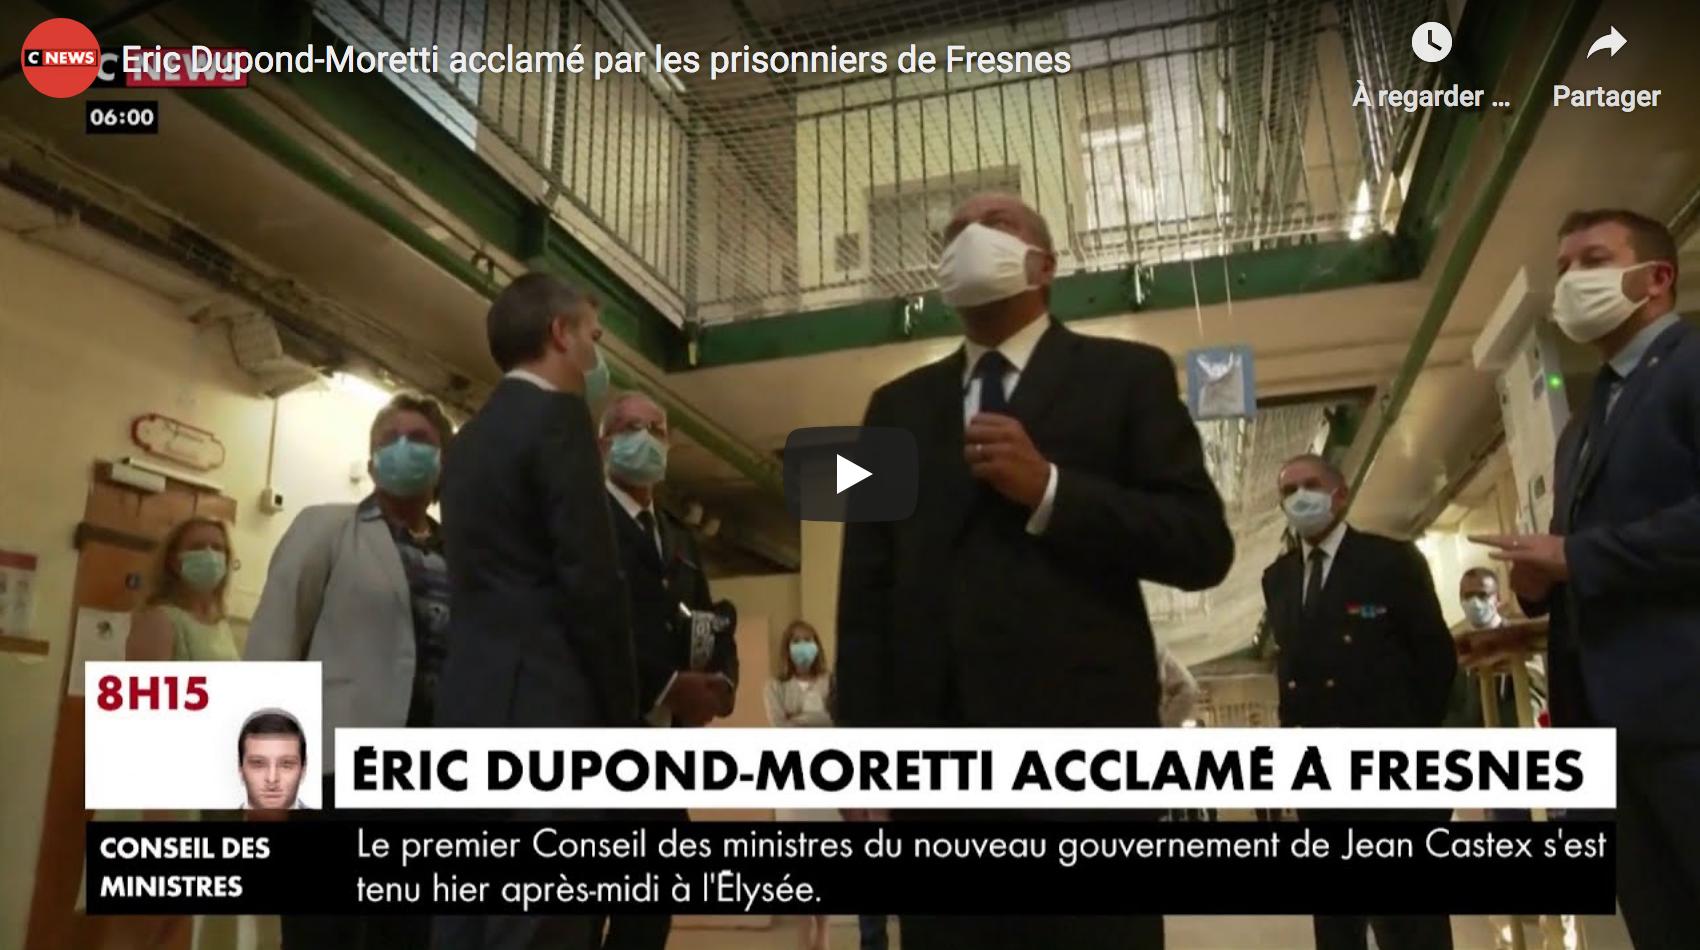 Éric Dupond-Moretti acclamé par les prisonniers de Fresnes (VIDÉO)